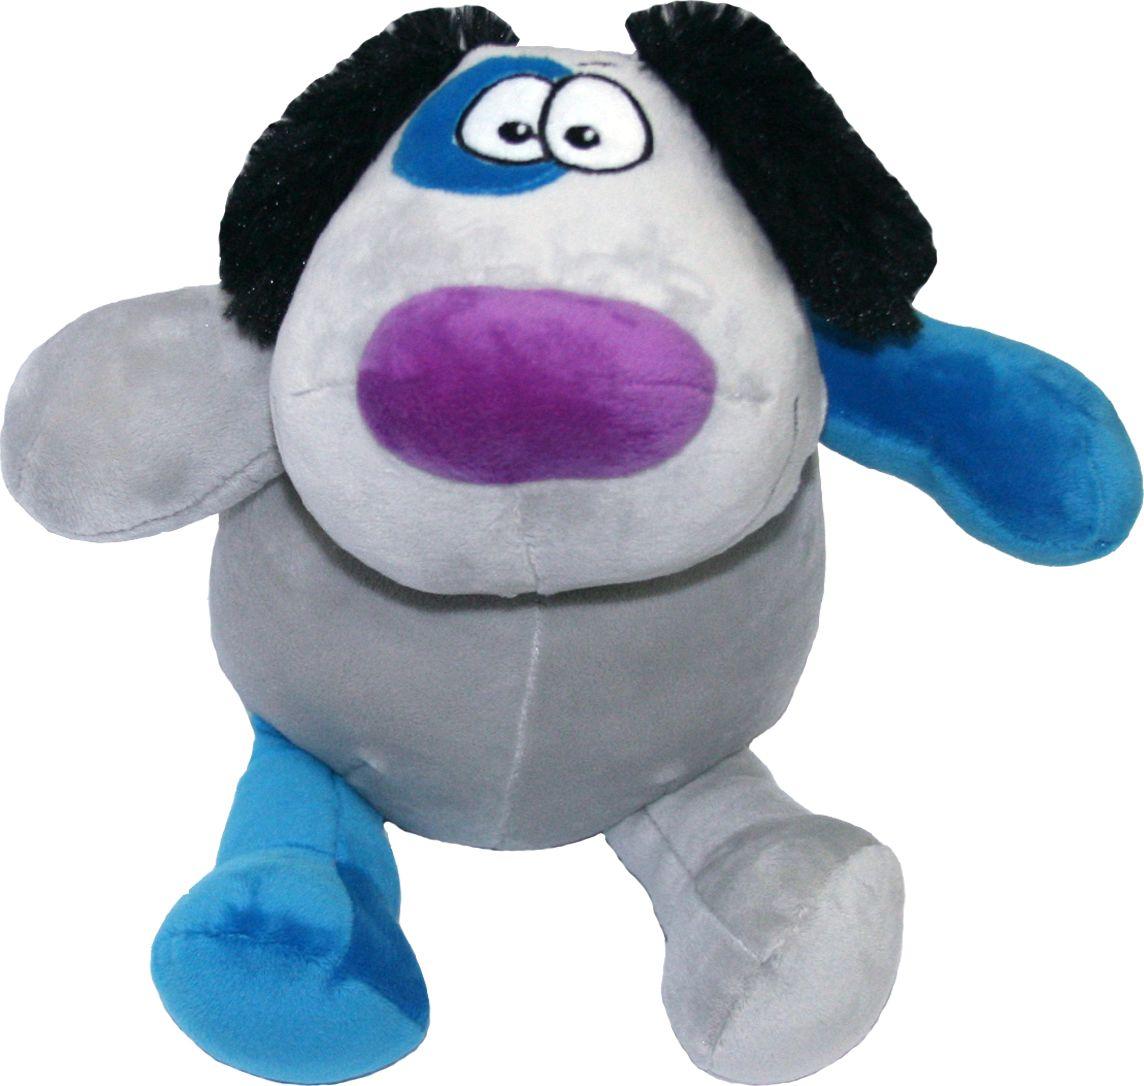 СмолТойс Мягкая игрушка Пес Егорка 35 см 2333/СР/35 игрушка